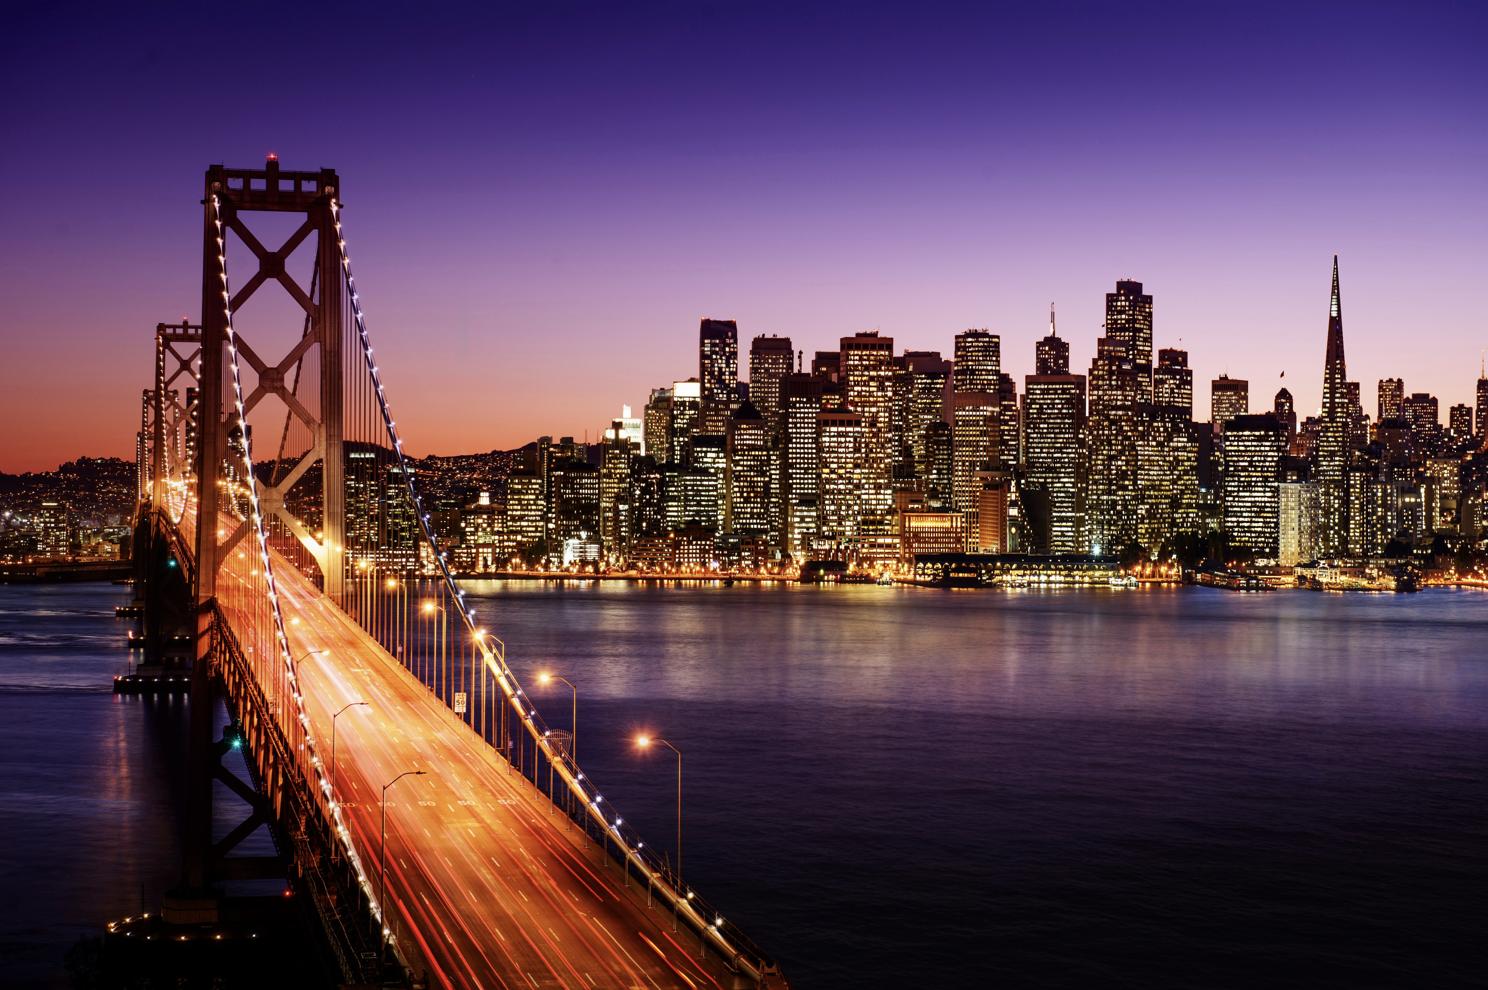 金门大桥和旧金山市区